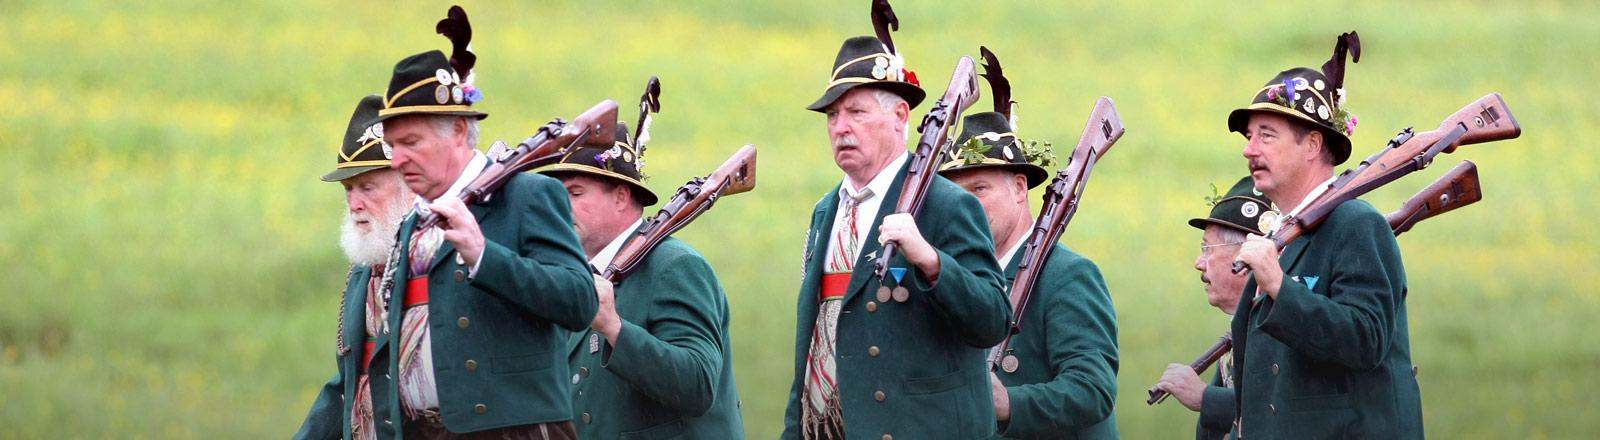 Mehrere Mitglieder eines Schützenvereins in grünen Trachten mit ihren Gewehren.